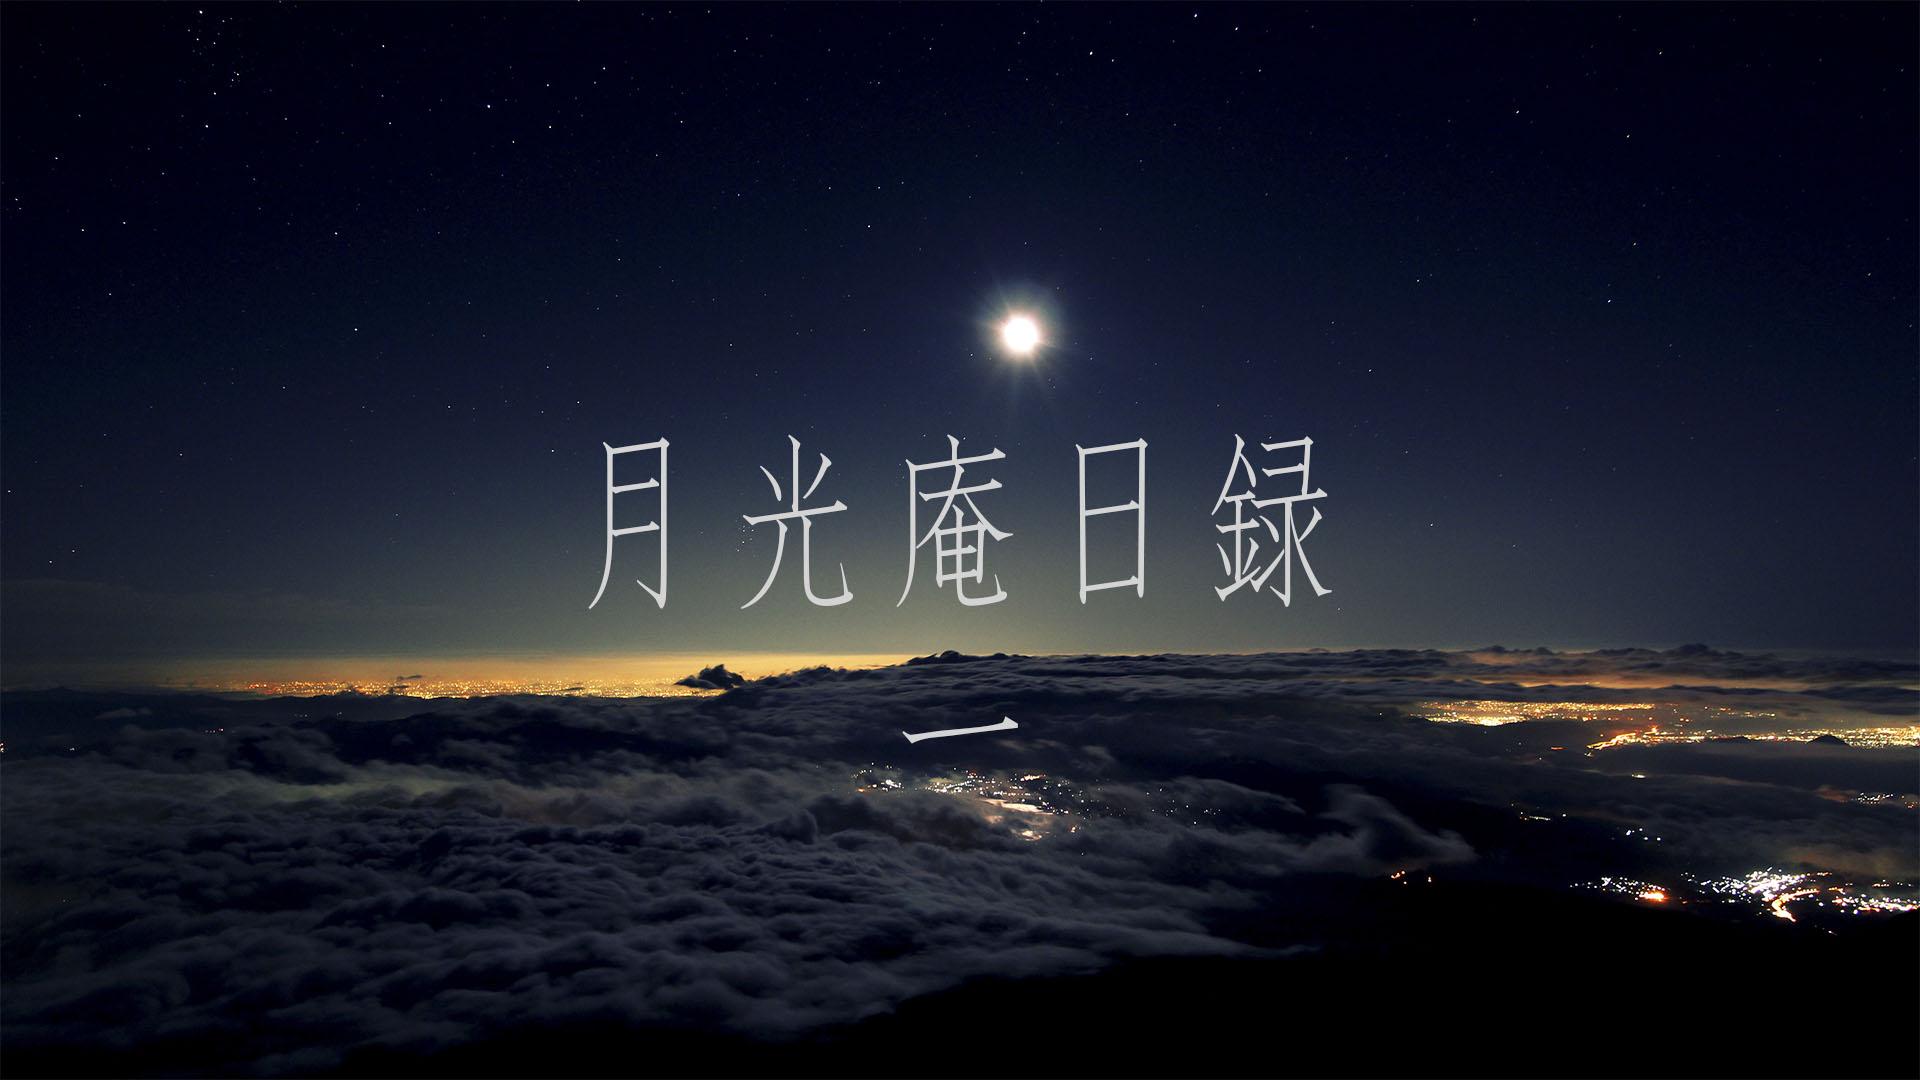 月光庵日録 一